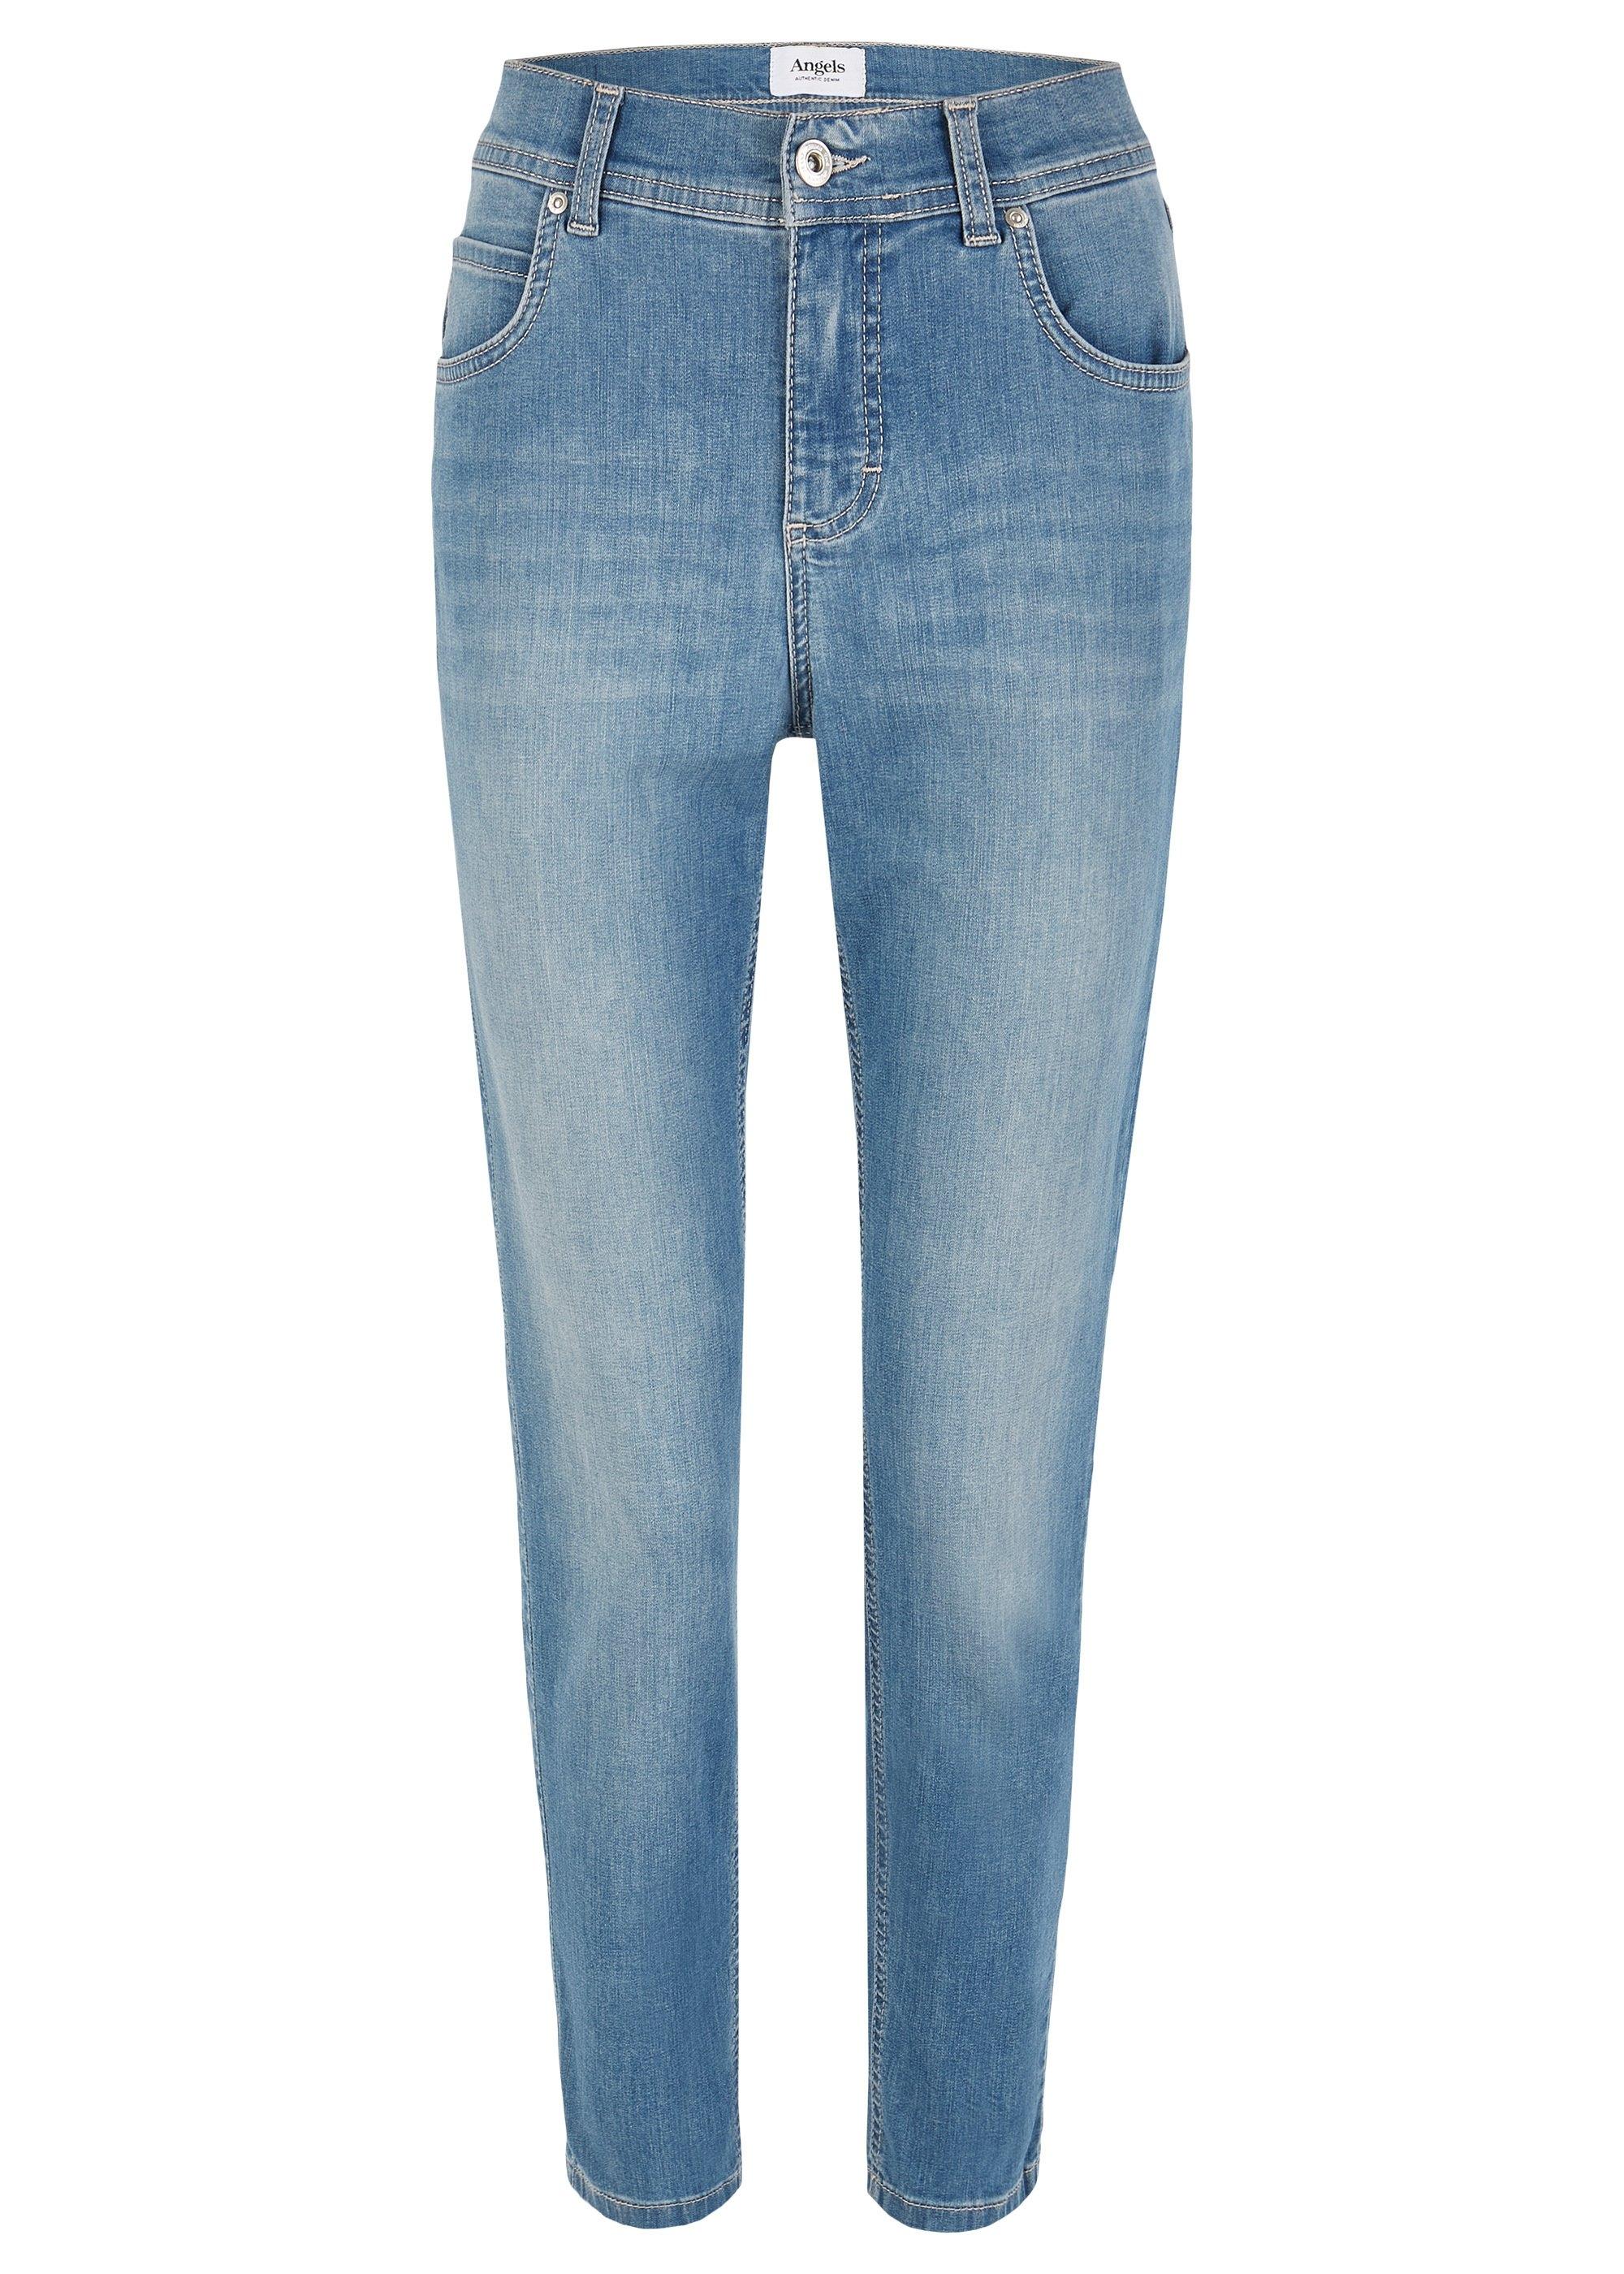 Op zoek naar een ANGELS Ankle-Jeans Ornella? Koop online bij OTTO